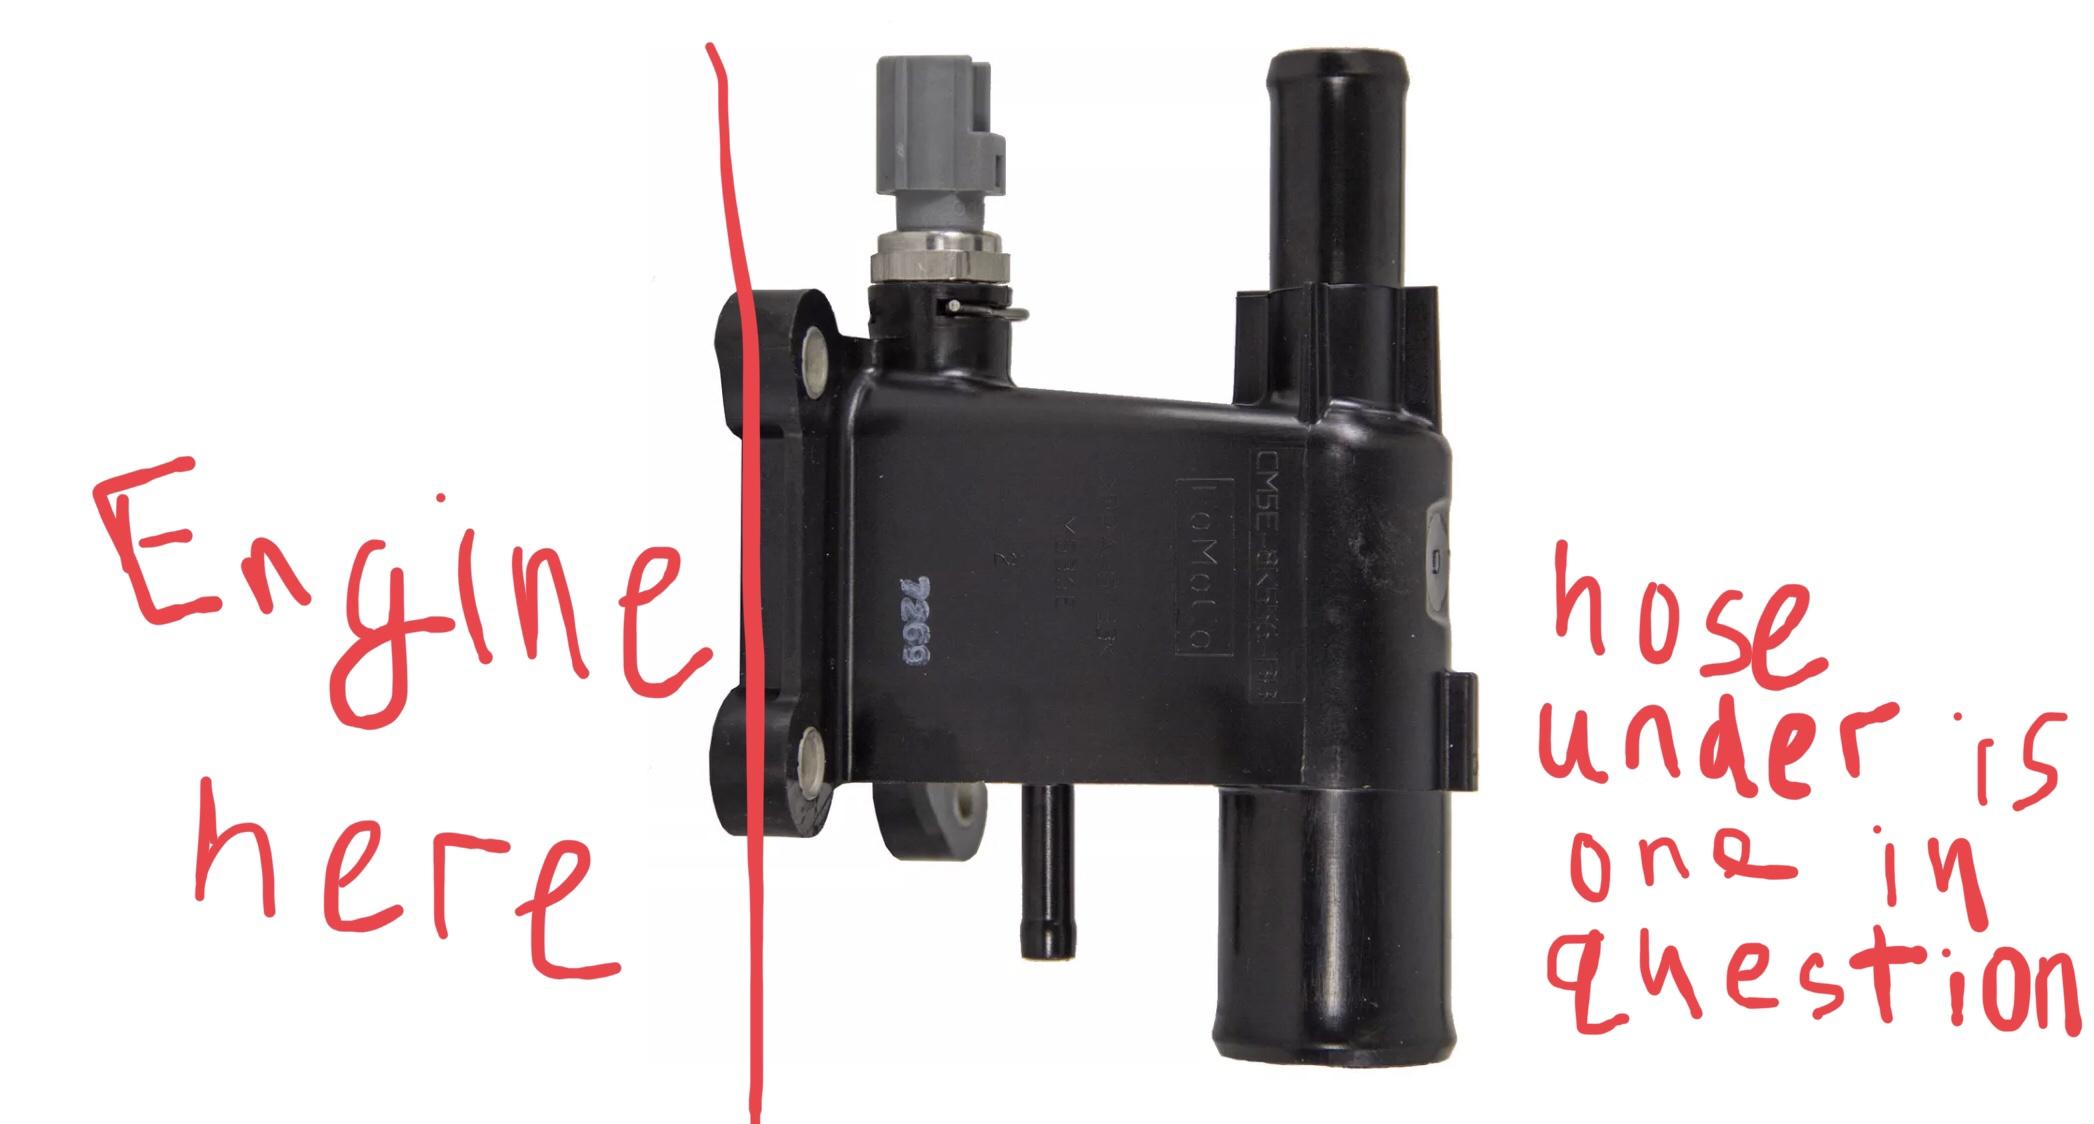 2012 SE, Coolant hose popped off... why?-616e9a08-f797-44f2-b5a4-8d4a5d3b2c22_1555629541692.jpeg